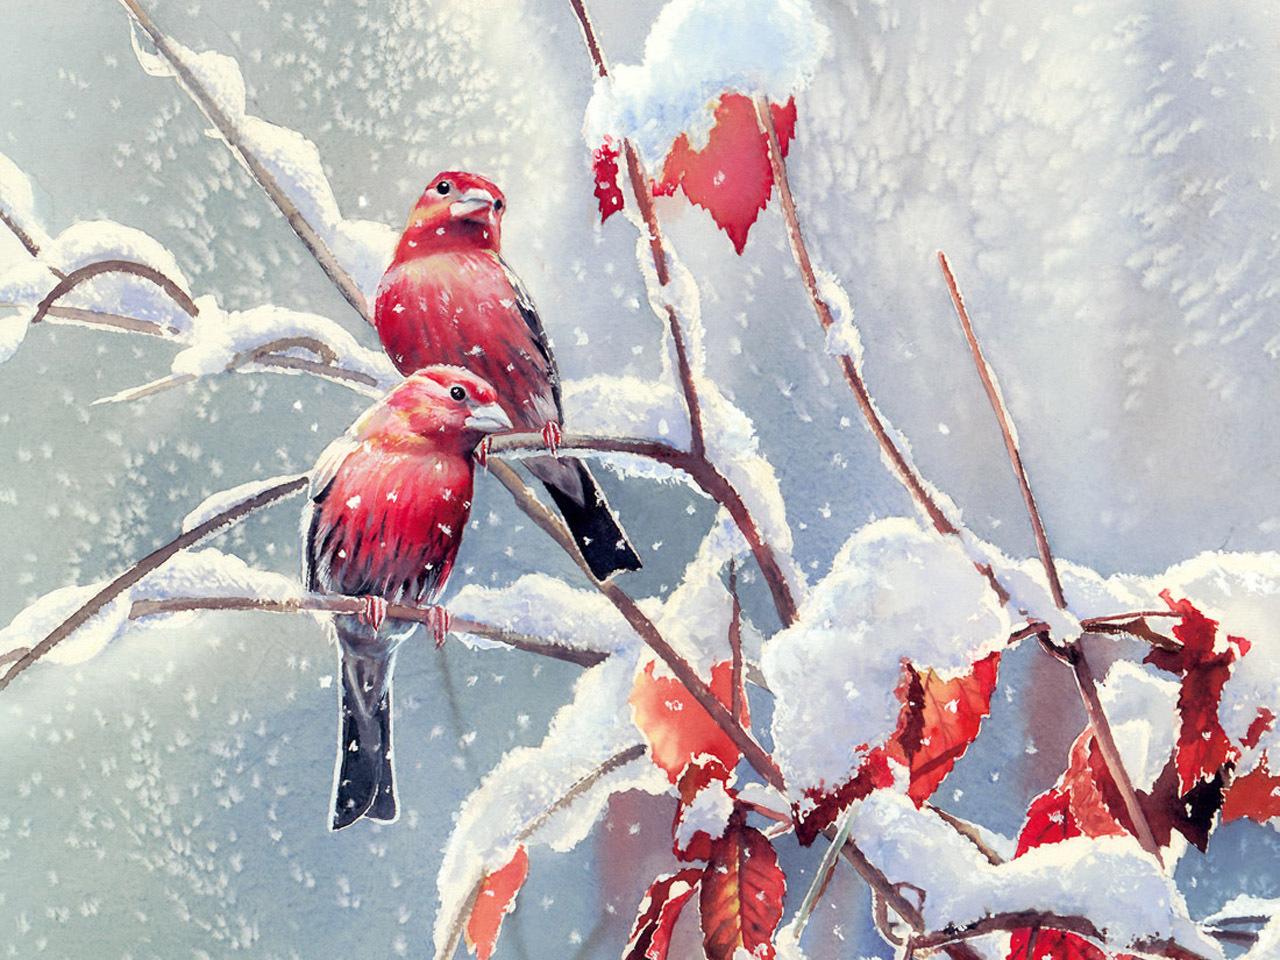 8103 Salvapantallas y fondos de pantalla Imágenes en tu teléfono. Descarga imágenes de Animales, Invierno, Birds, Nieve, Imágenes gratis